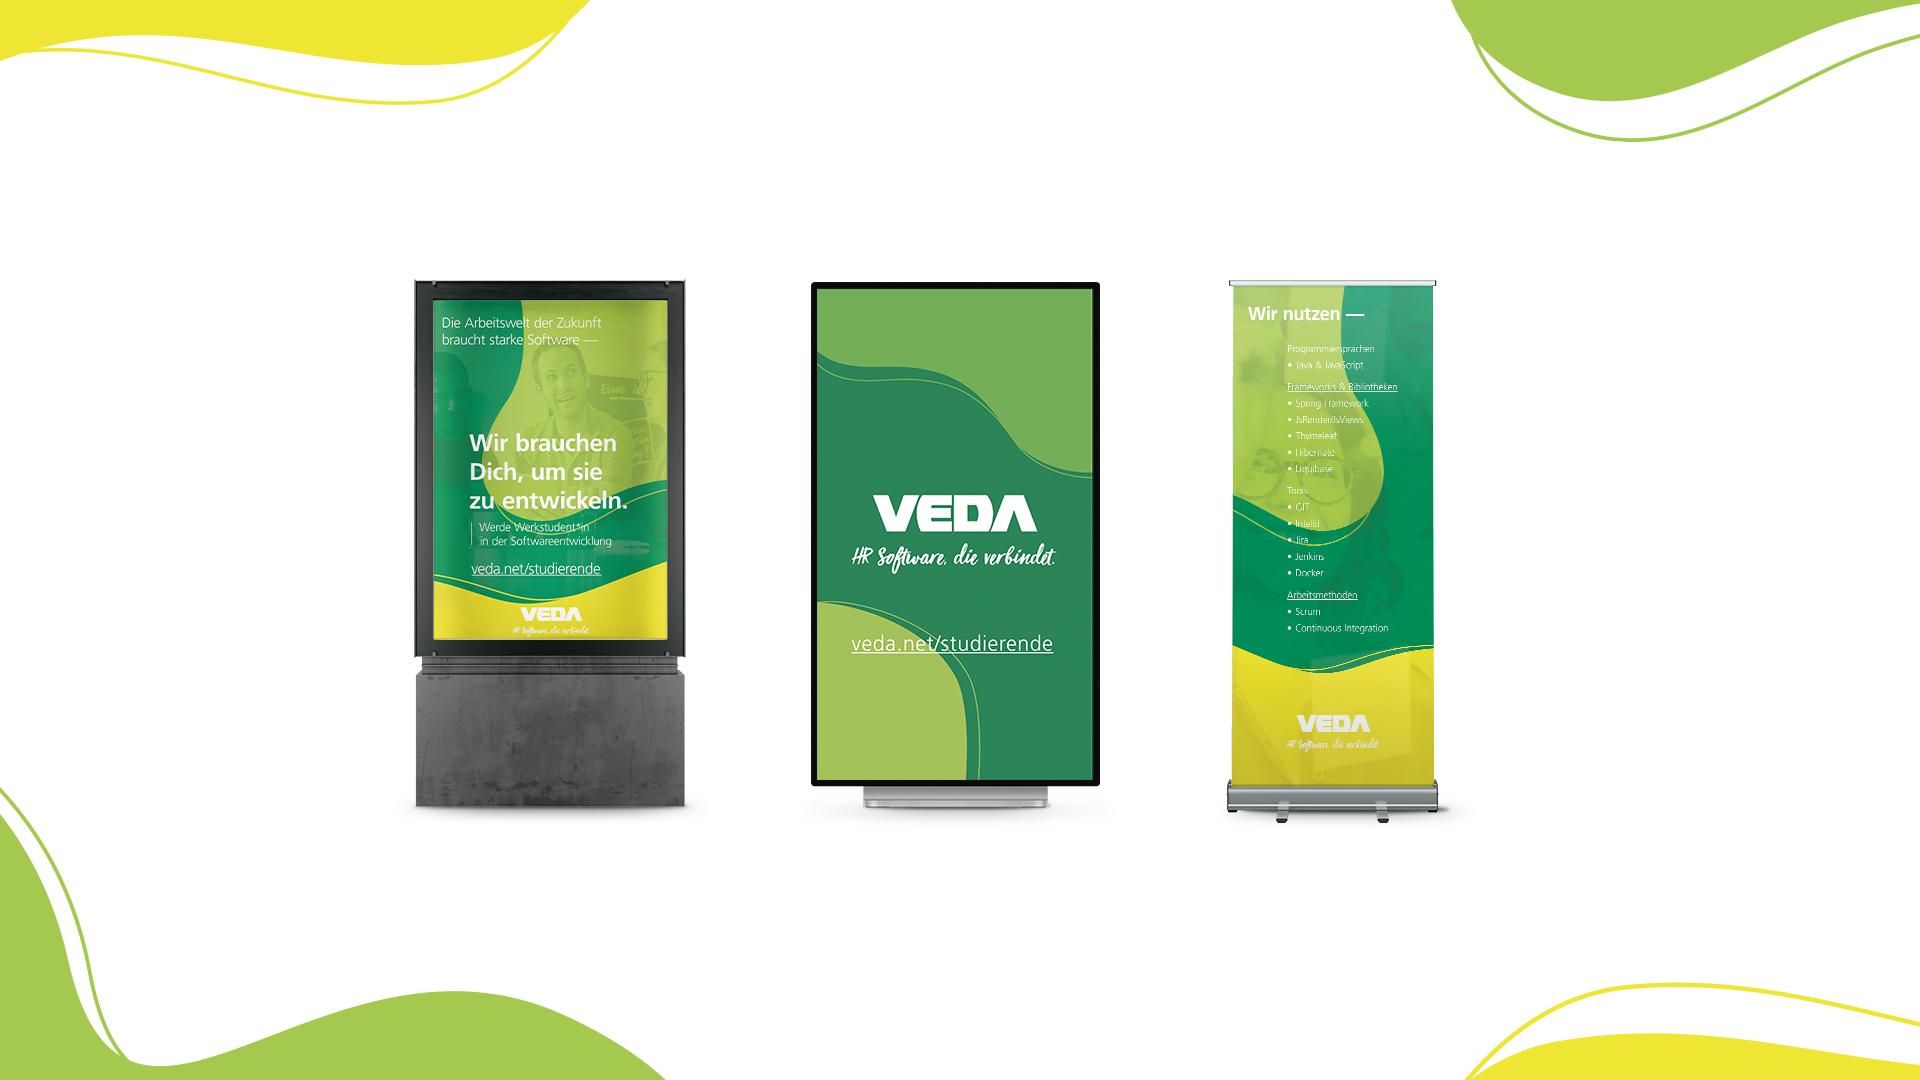 Adaption des VEDA Employer Brandings auf Citylight Leuchtkasten, vertikalem Bildschirm und Rollup Banner.